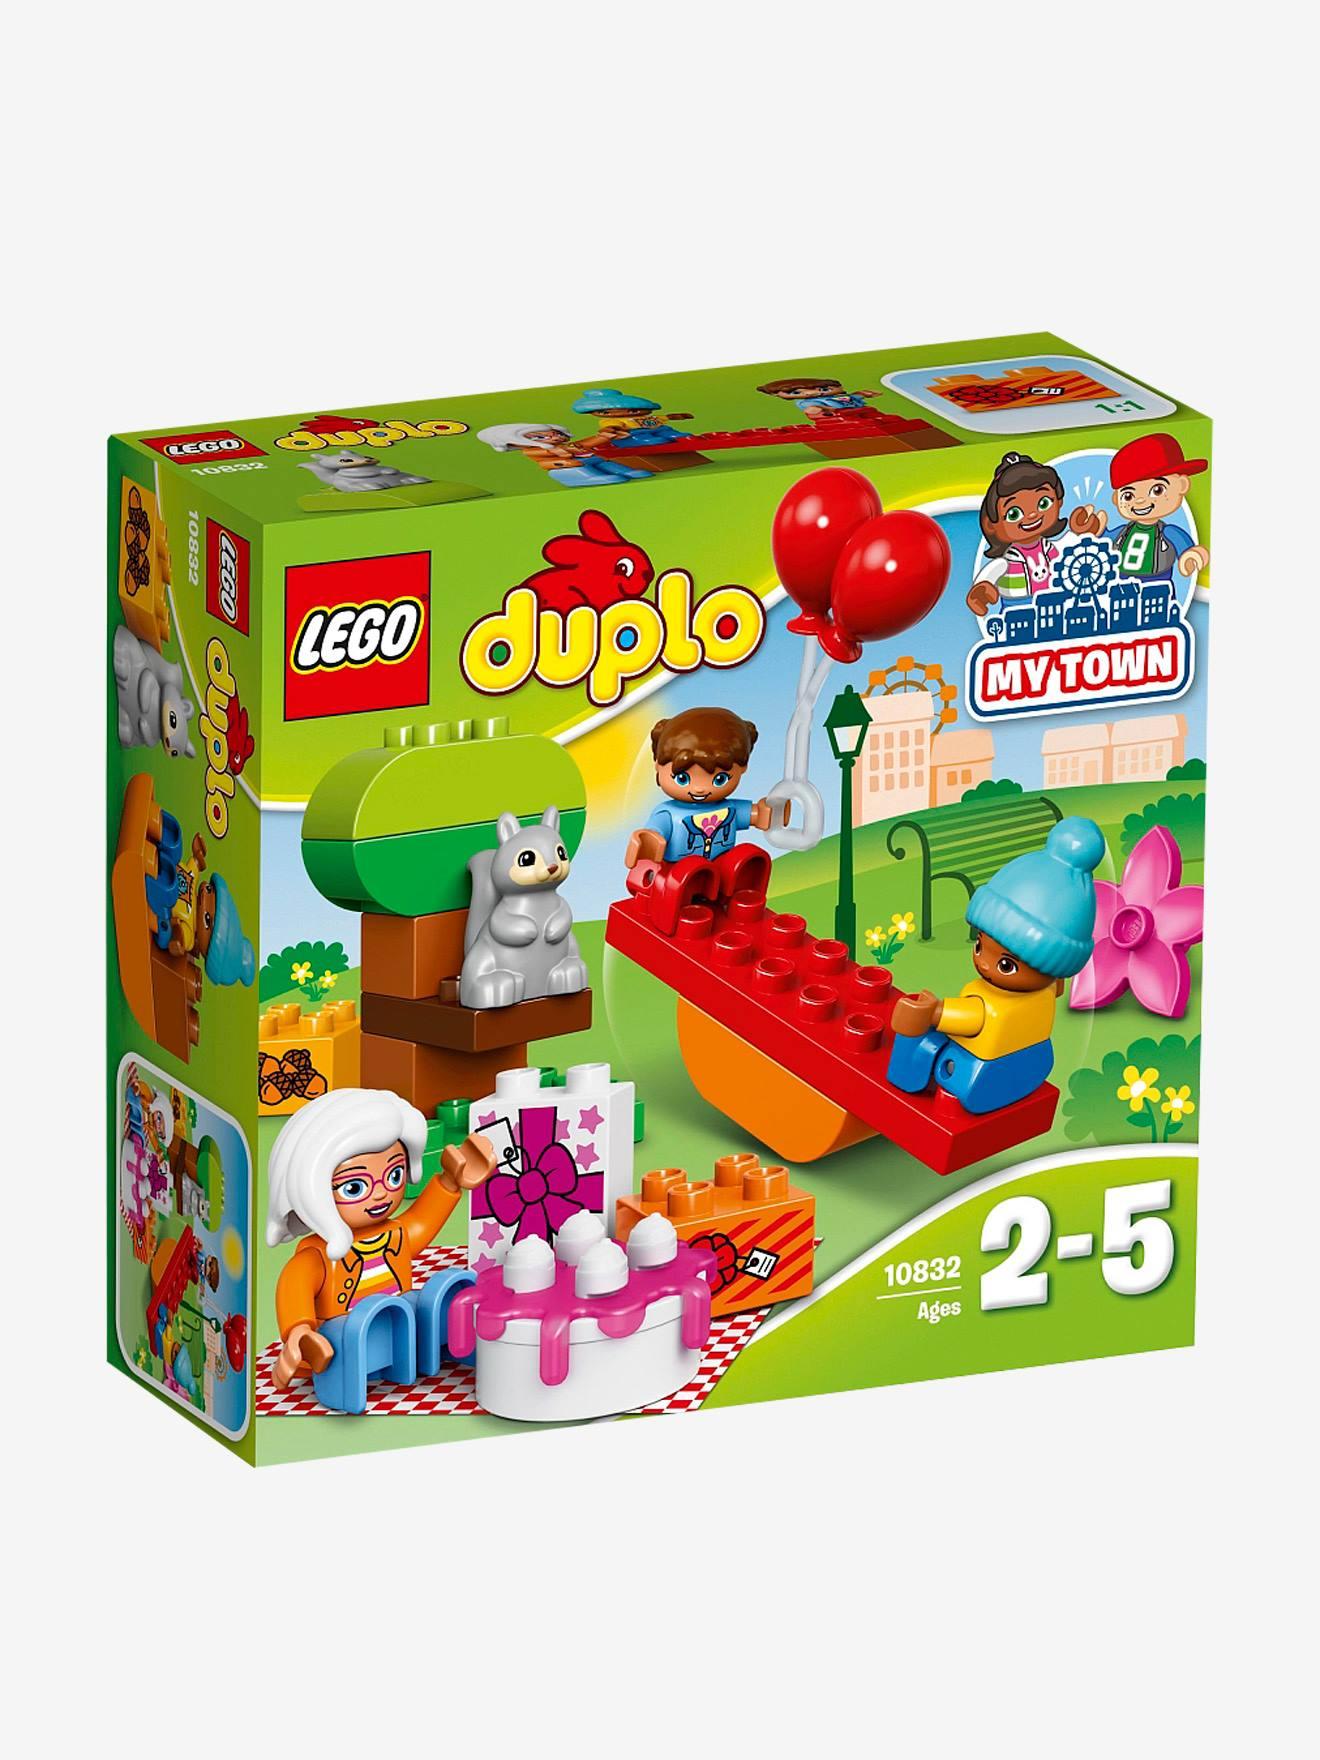 Duplo Lego La D'anniversaire 10832 Fête MulticoloreJouet v80Nmnw